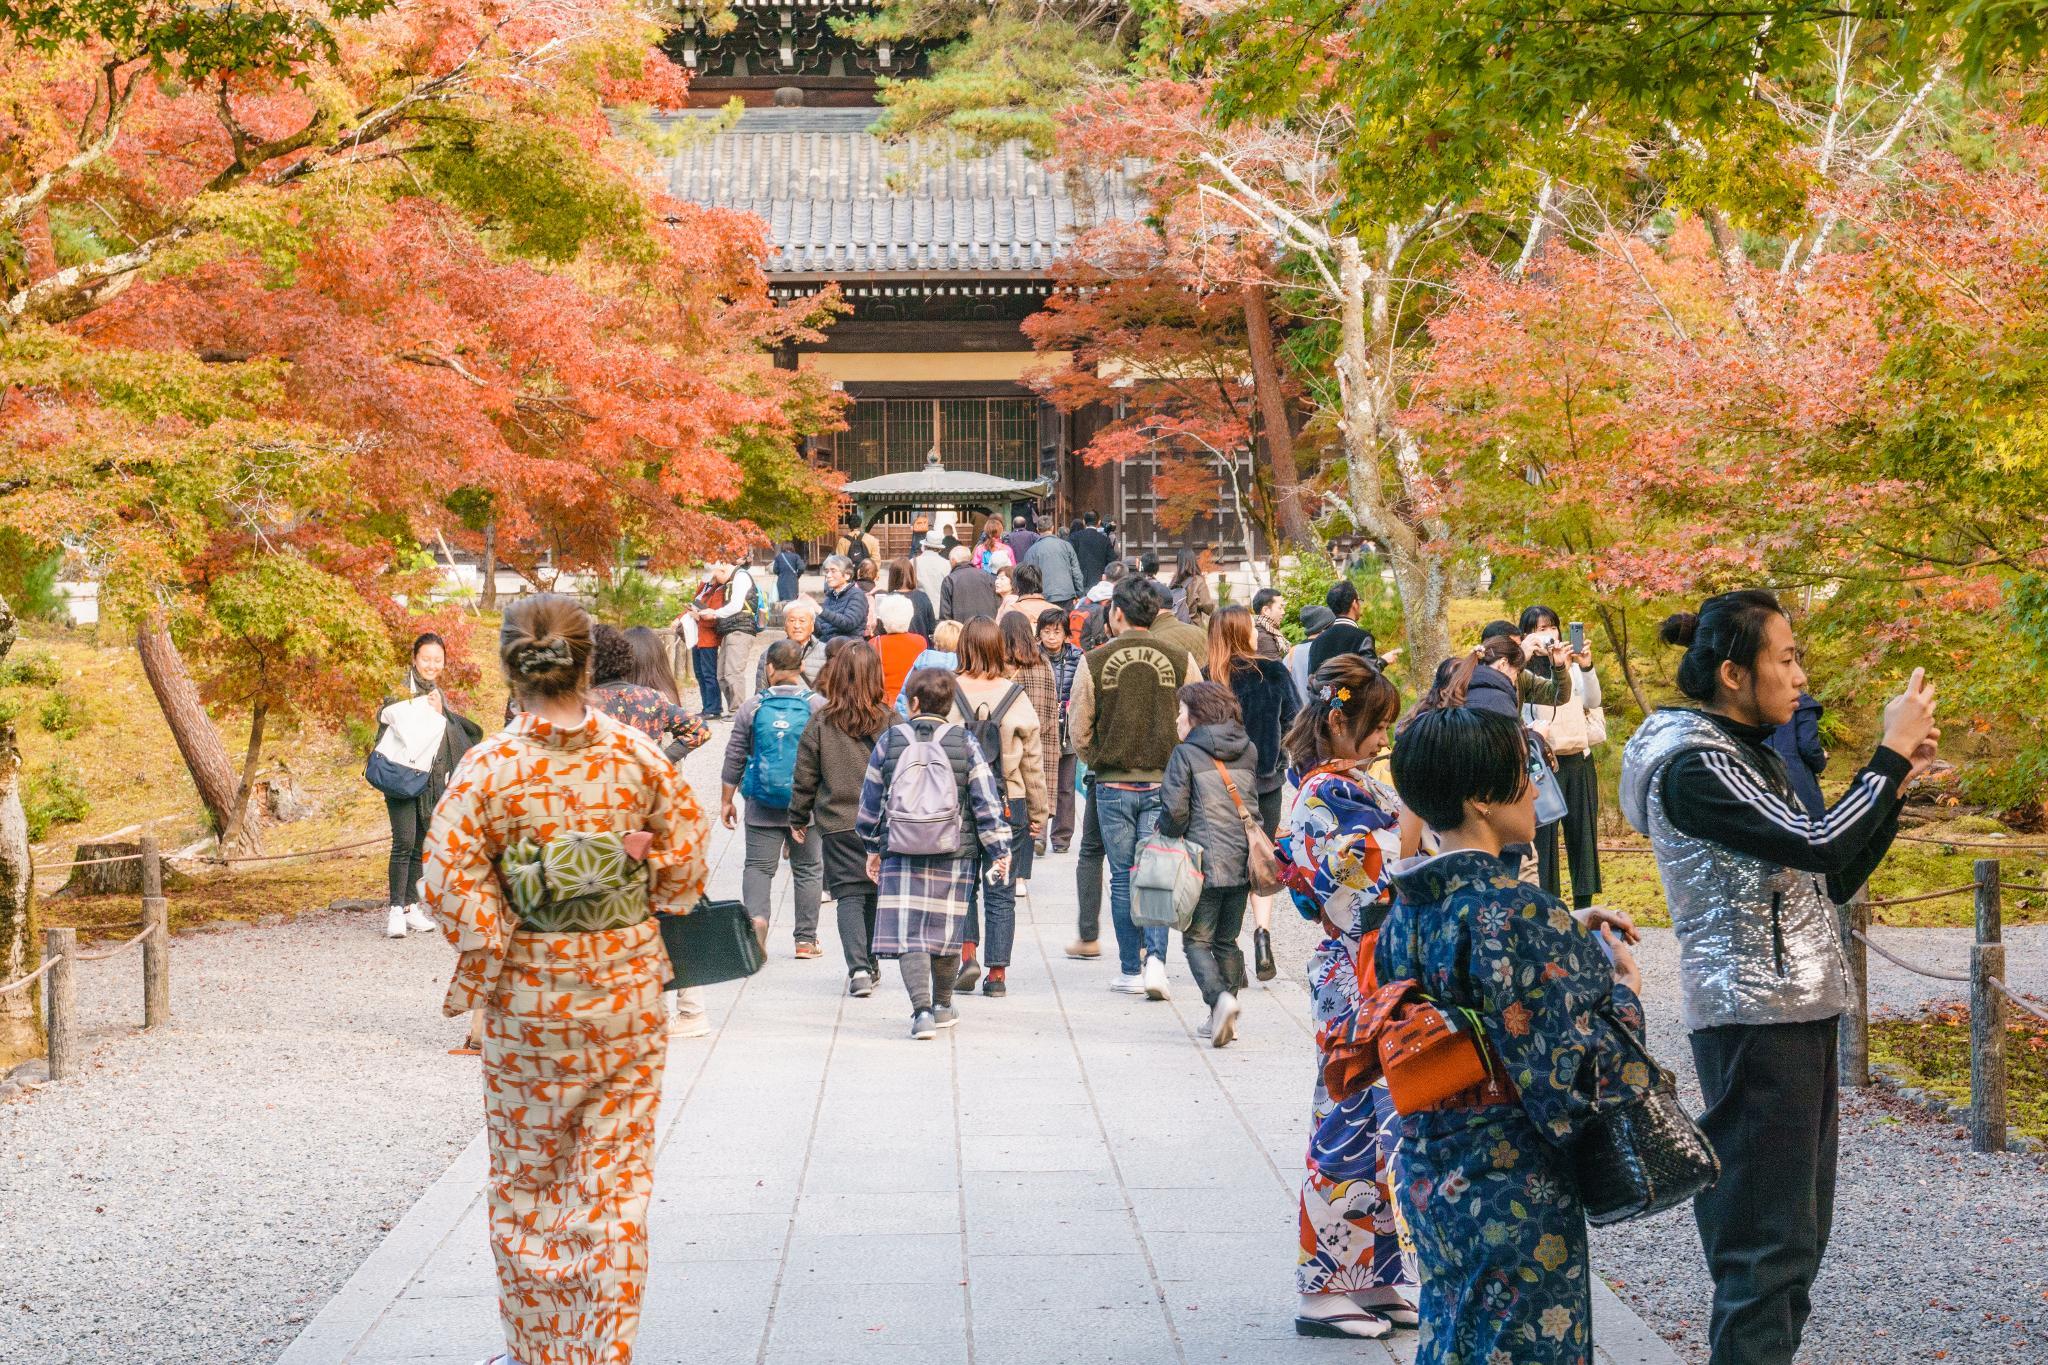 【京都】秋光葉影的古寺散策 - 南禪寺 82